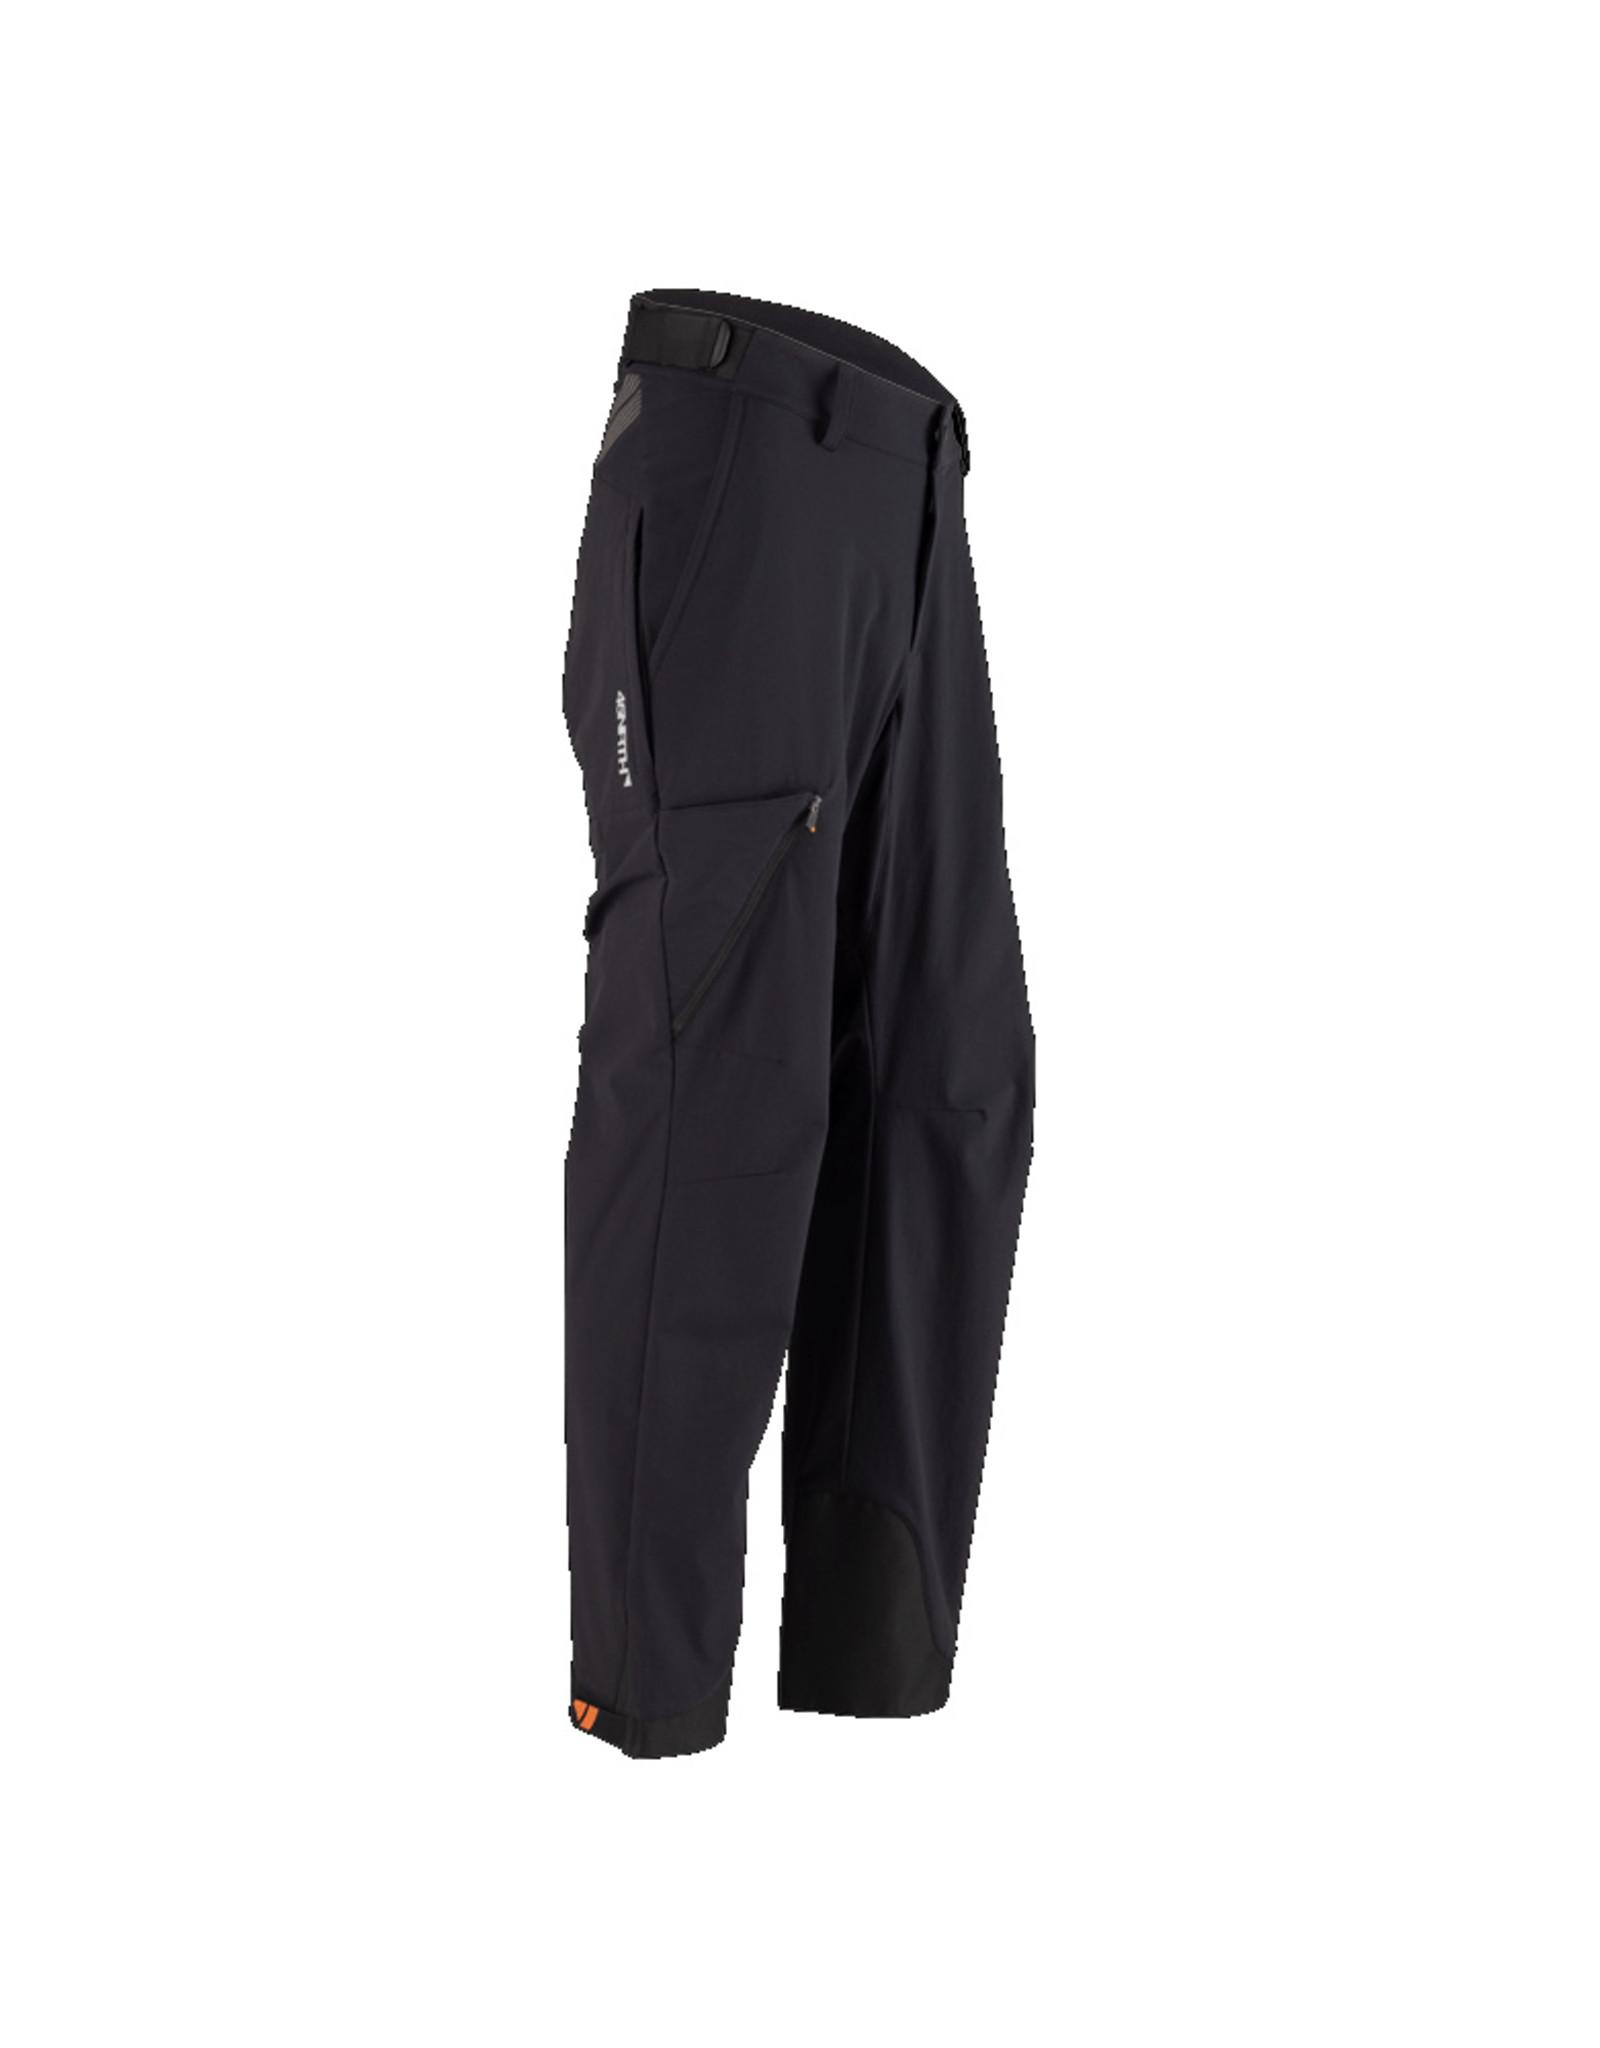 45NRTH Pantalons 45N Naughtvind